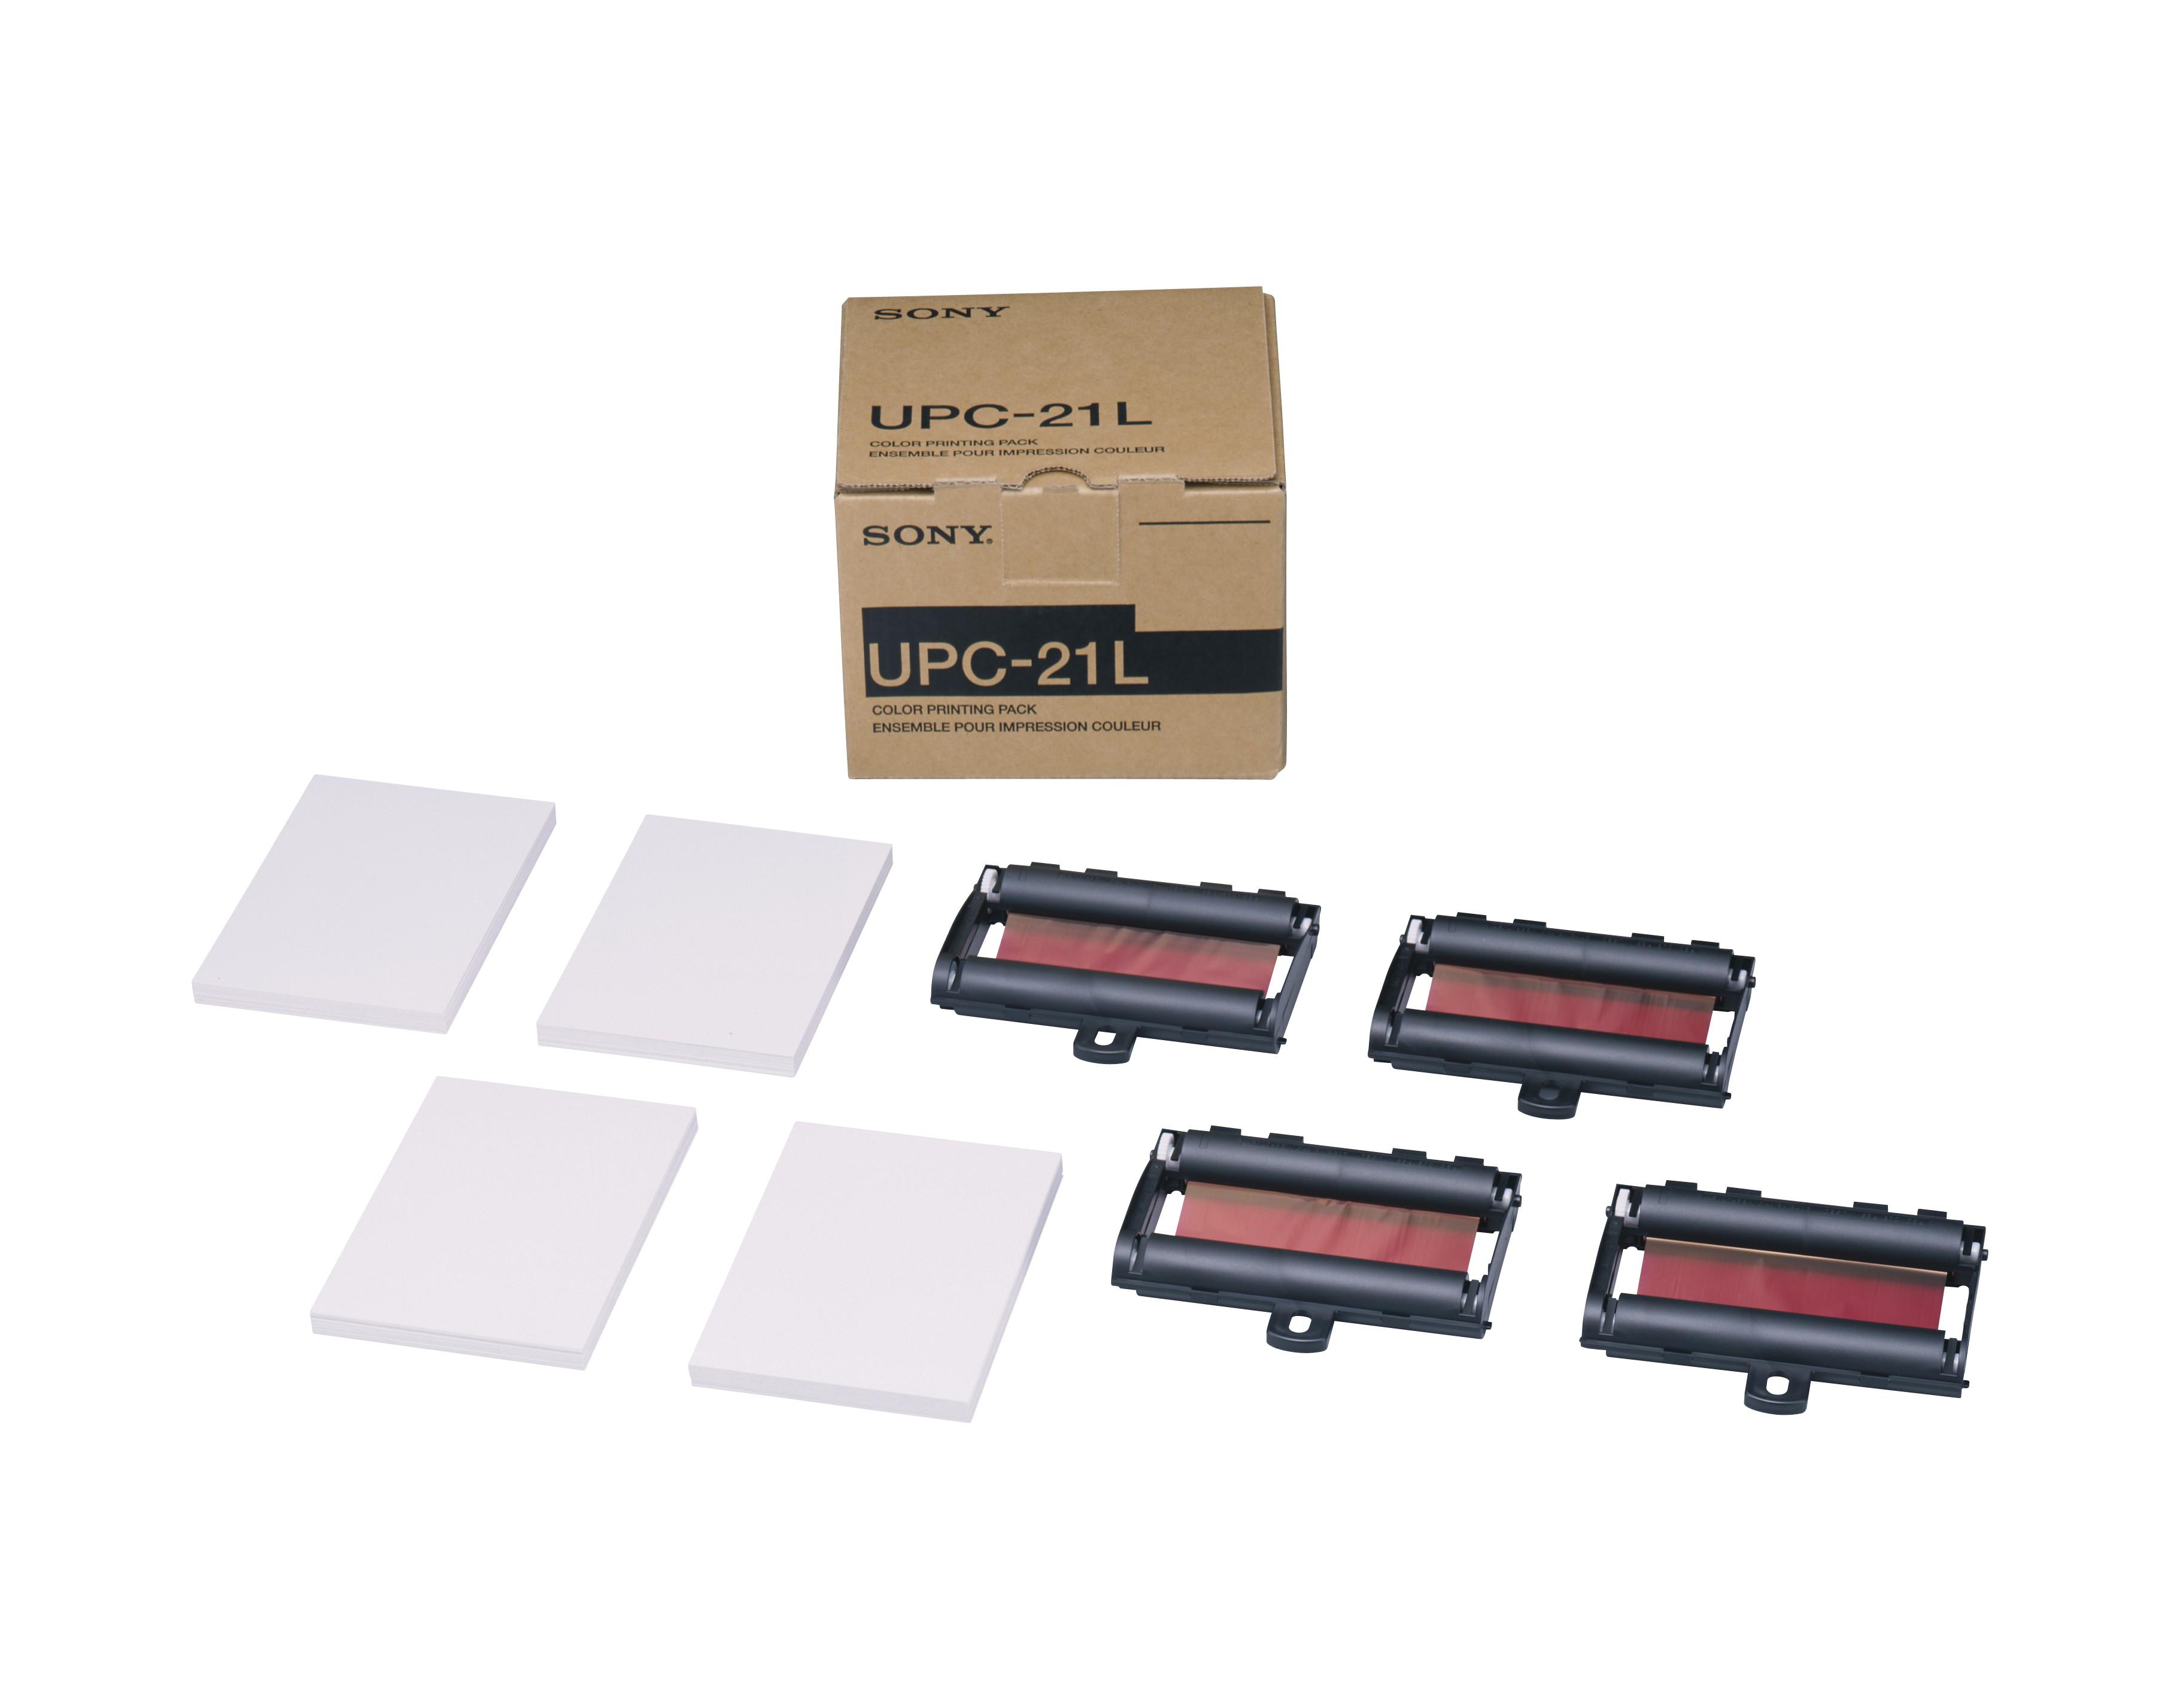 UPC-21L